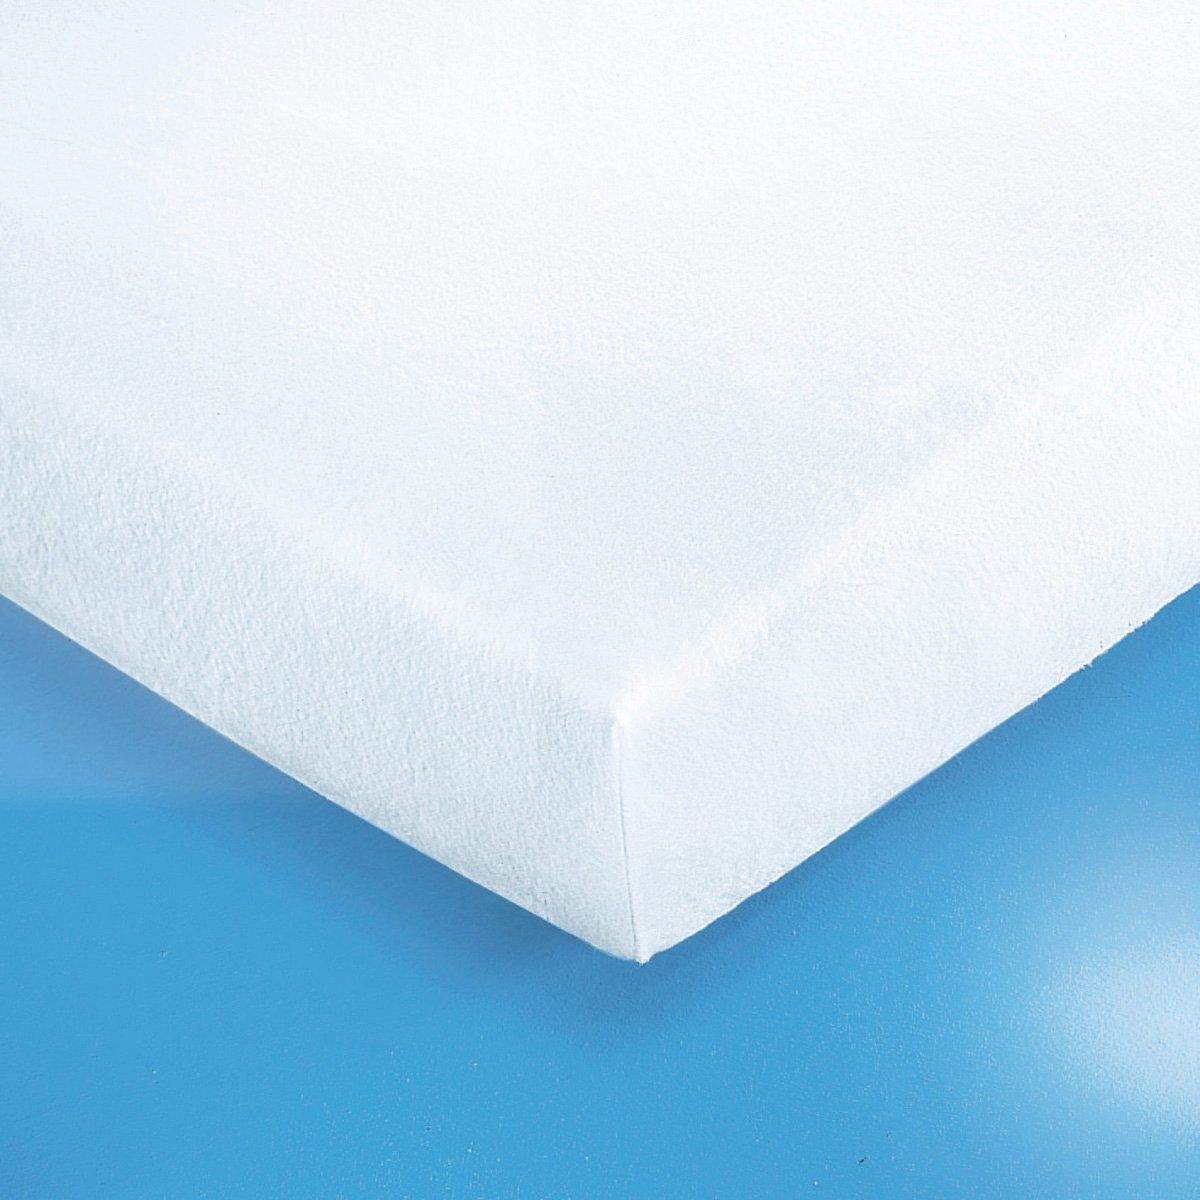 Чехол защитный для матрасаНадежная защита плотной ткани стретч, которая не промокает, но при этом пропускает воздух, выводя выделяемую телом во сне влагу, а также бережет матрас от разводов. Мягкая и прочная ткань, 80% хлопка, 20% полиэстера, 170 г/м?. Легко тянется, подходит для матрасов толщиной от 10 до 18 см. 4 плотно облегающих угла (высота 21 см). Стирка при 60°.<br><br>Цвет: белый<br>Размер: 90 x 190 см